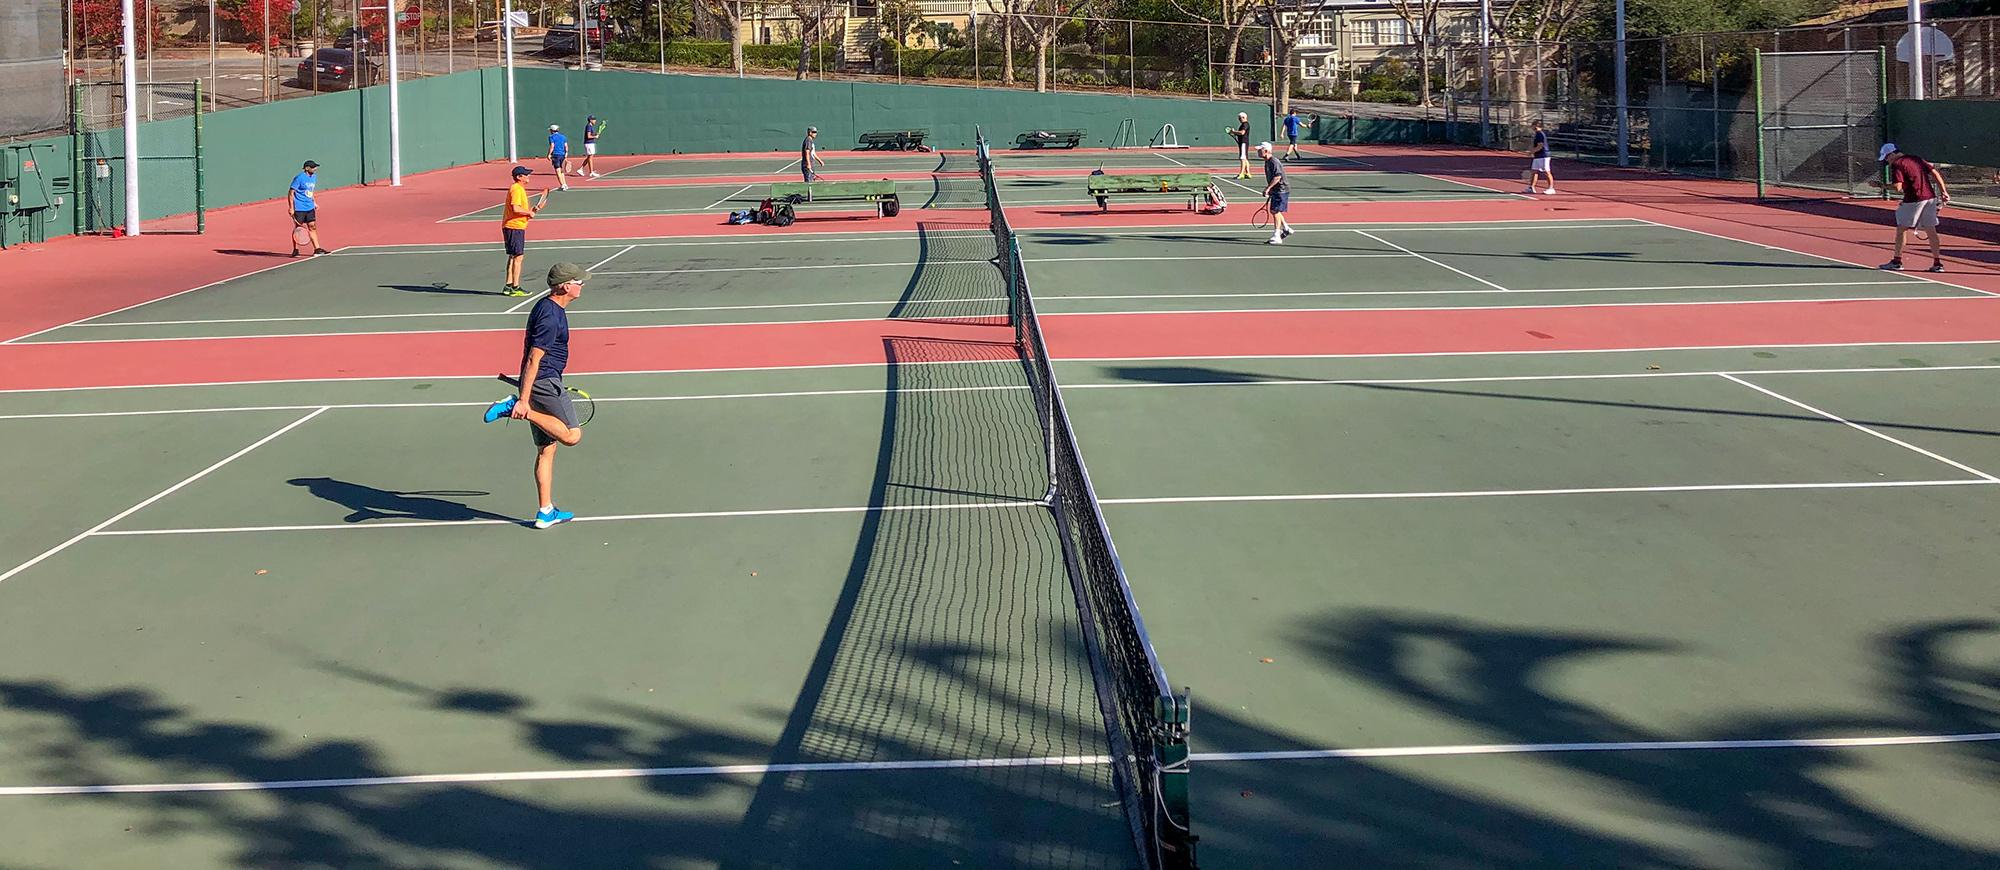 Corey Reich Tennis Center